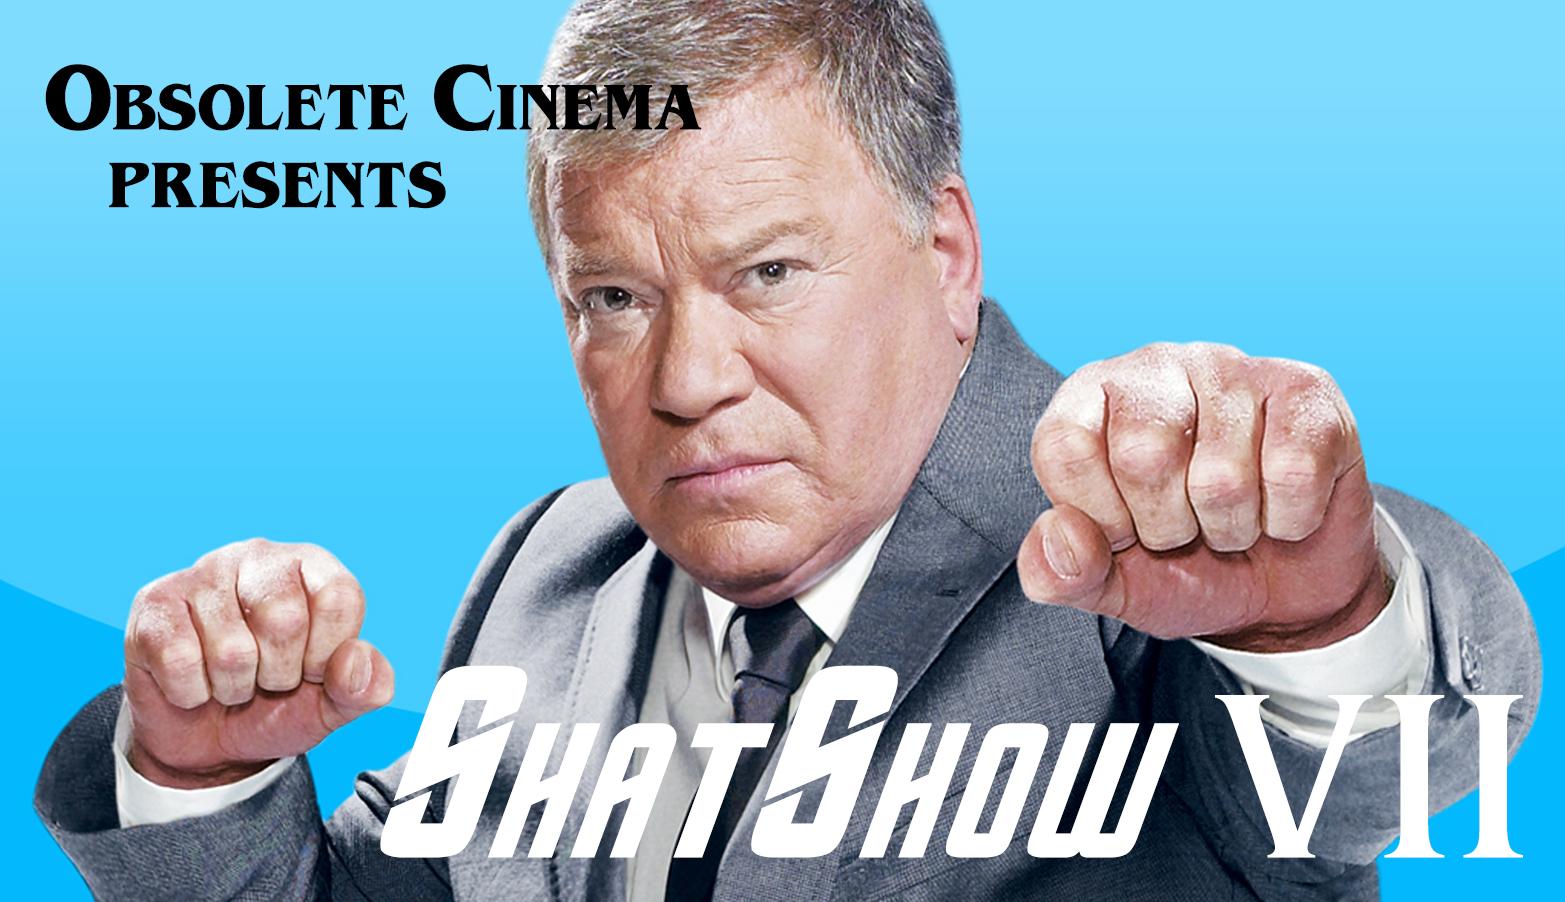 William Shatner ShatShow VII